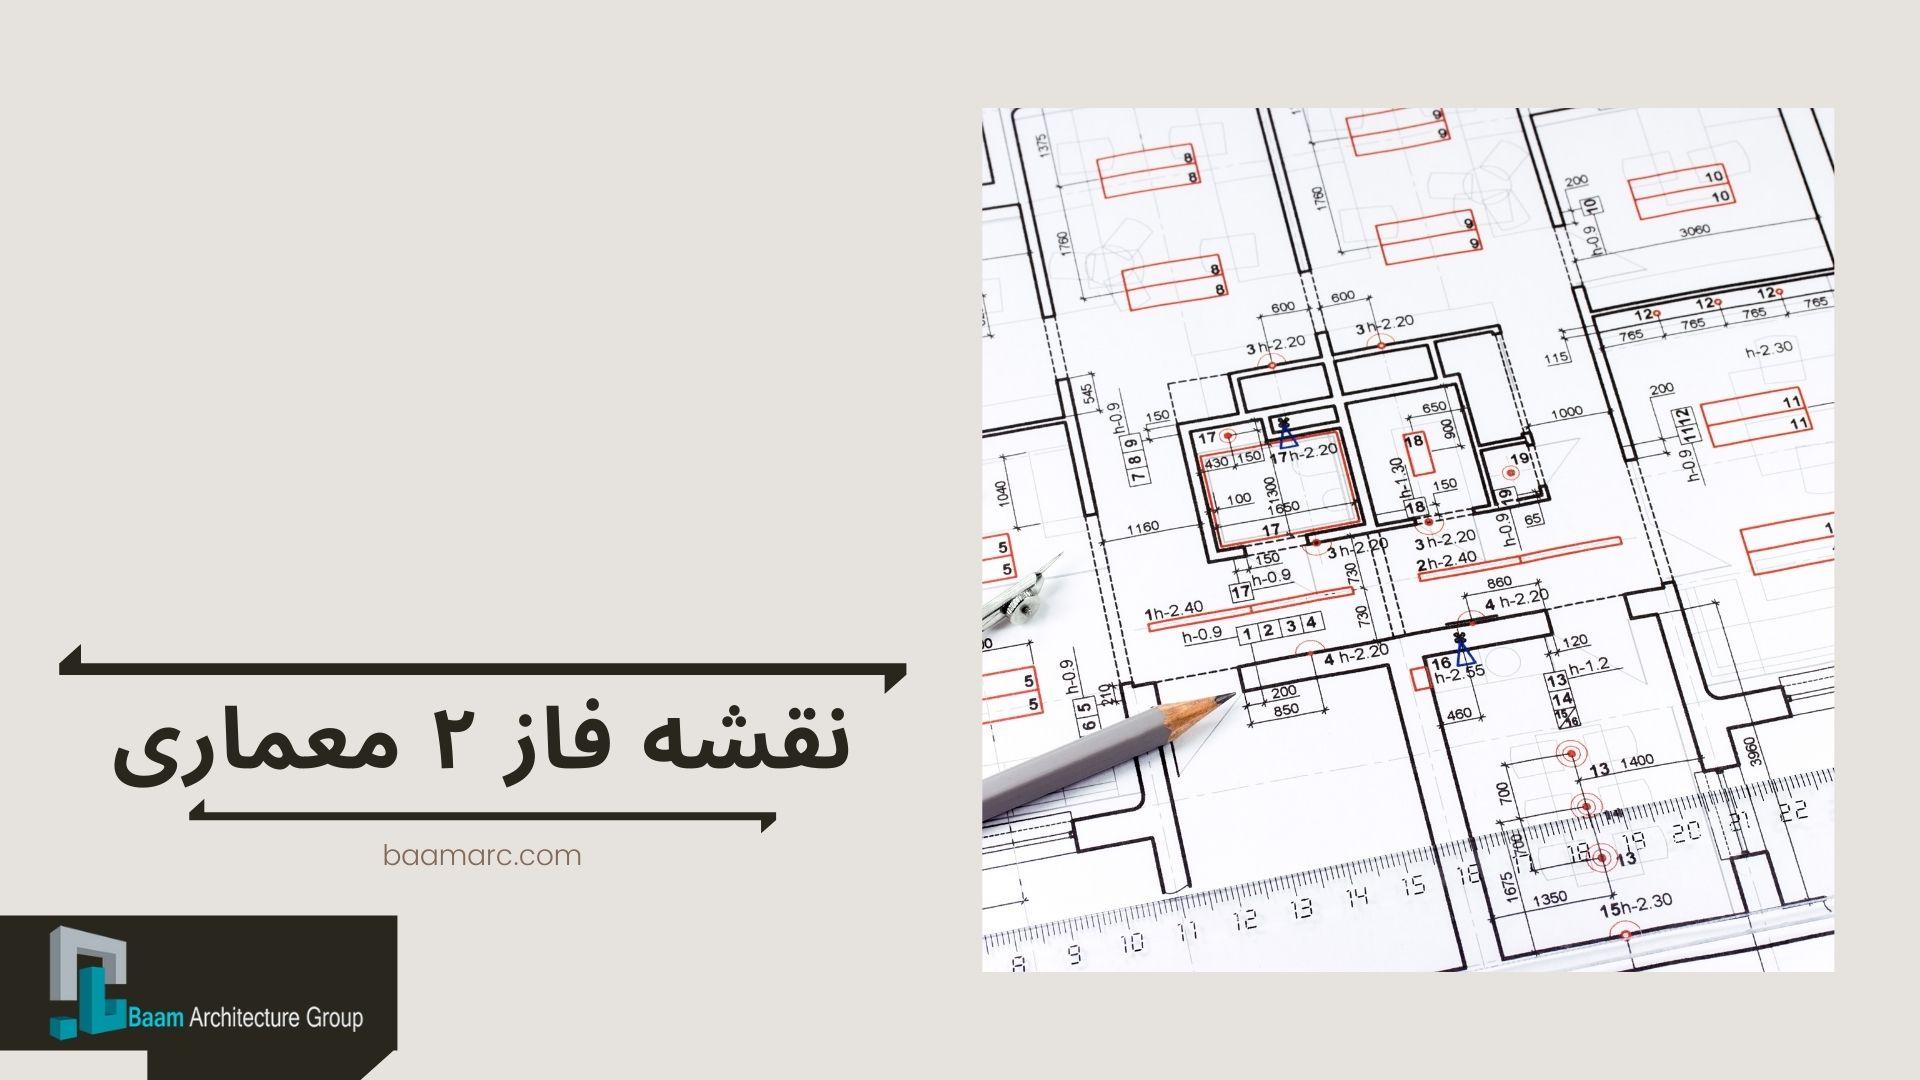 نقشه فاز ۲ معماری